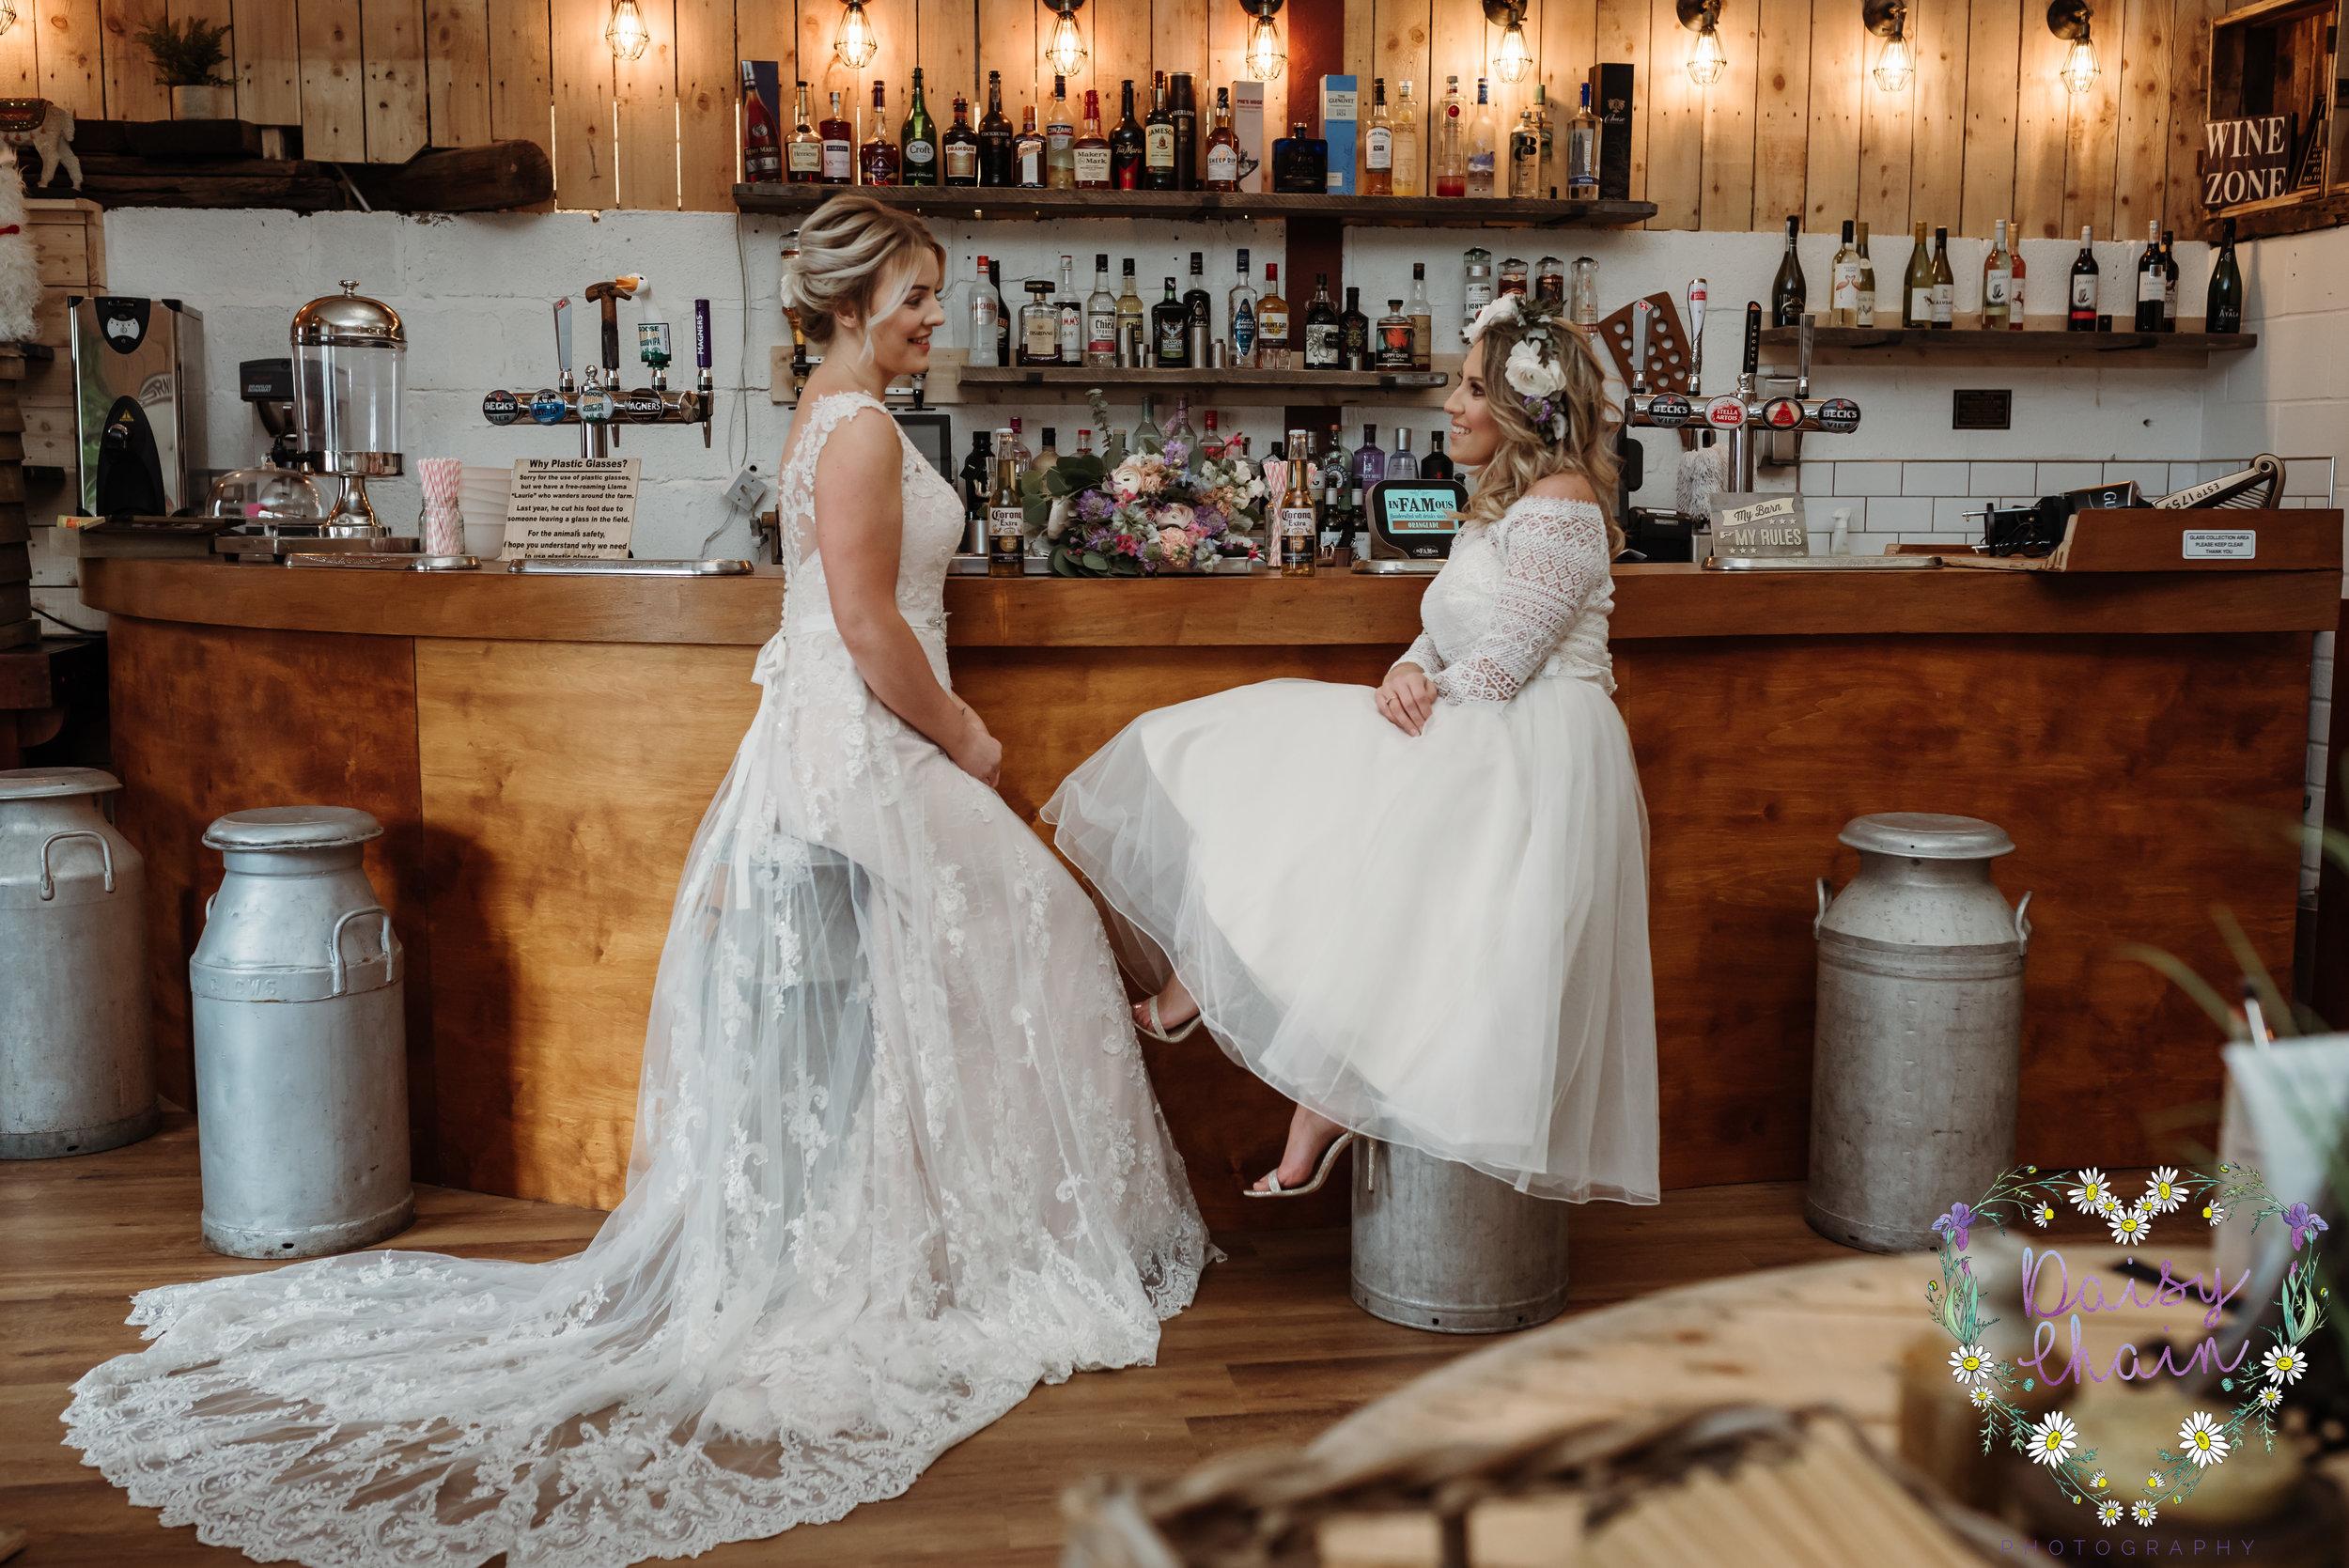 Milk churn bar stools - lancashire wedding